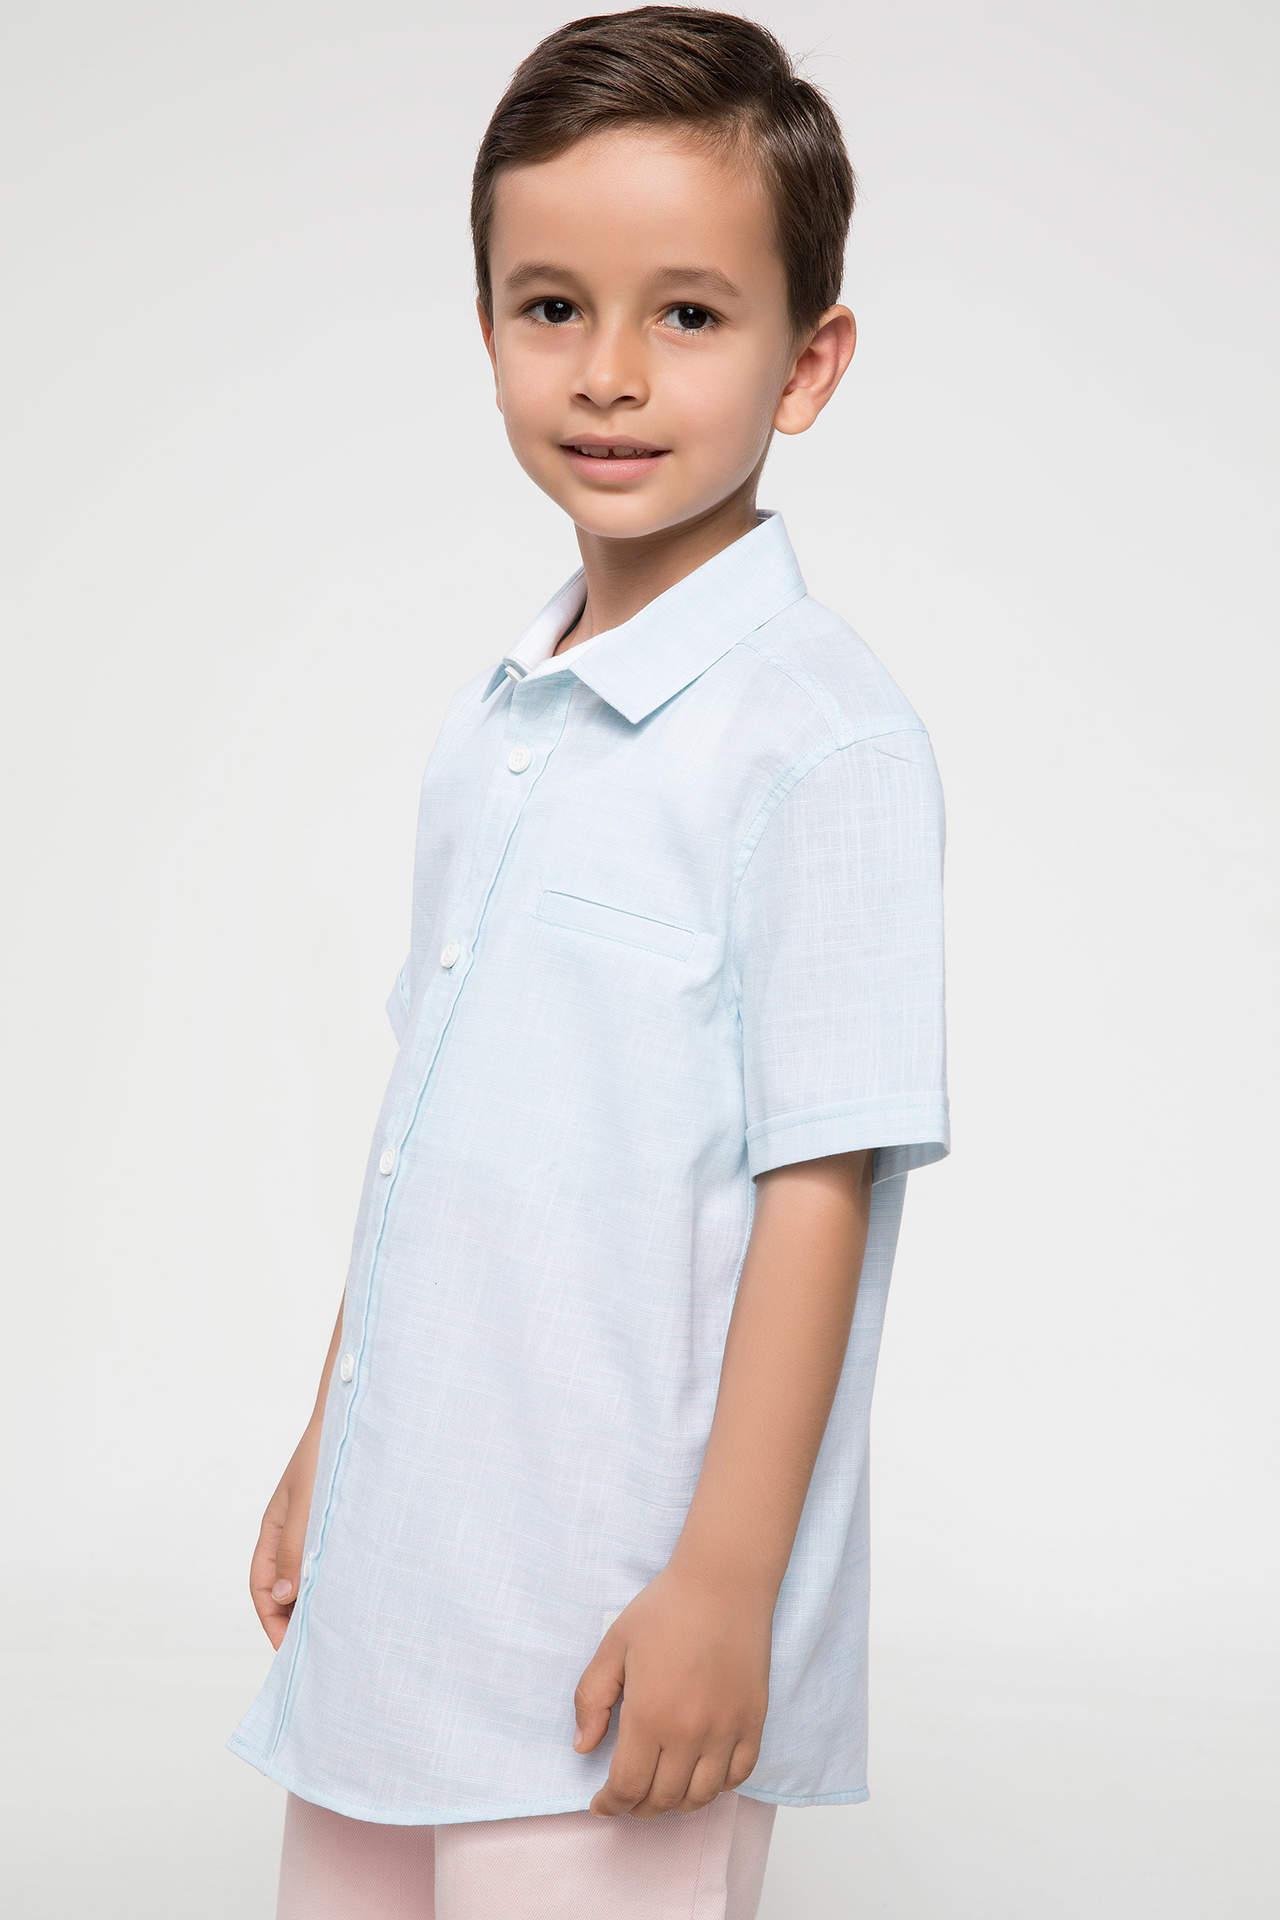 DeFacto Erkek Çocuk Tek Cep Kısa Kollu Gömlek Turkuaz male